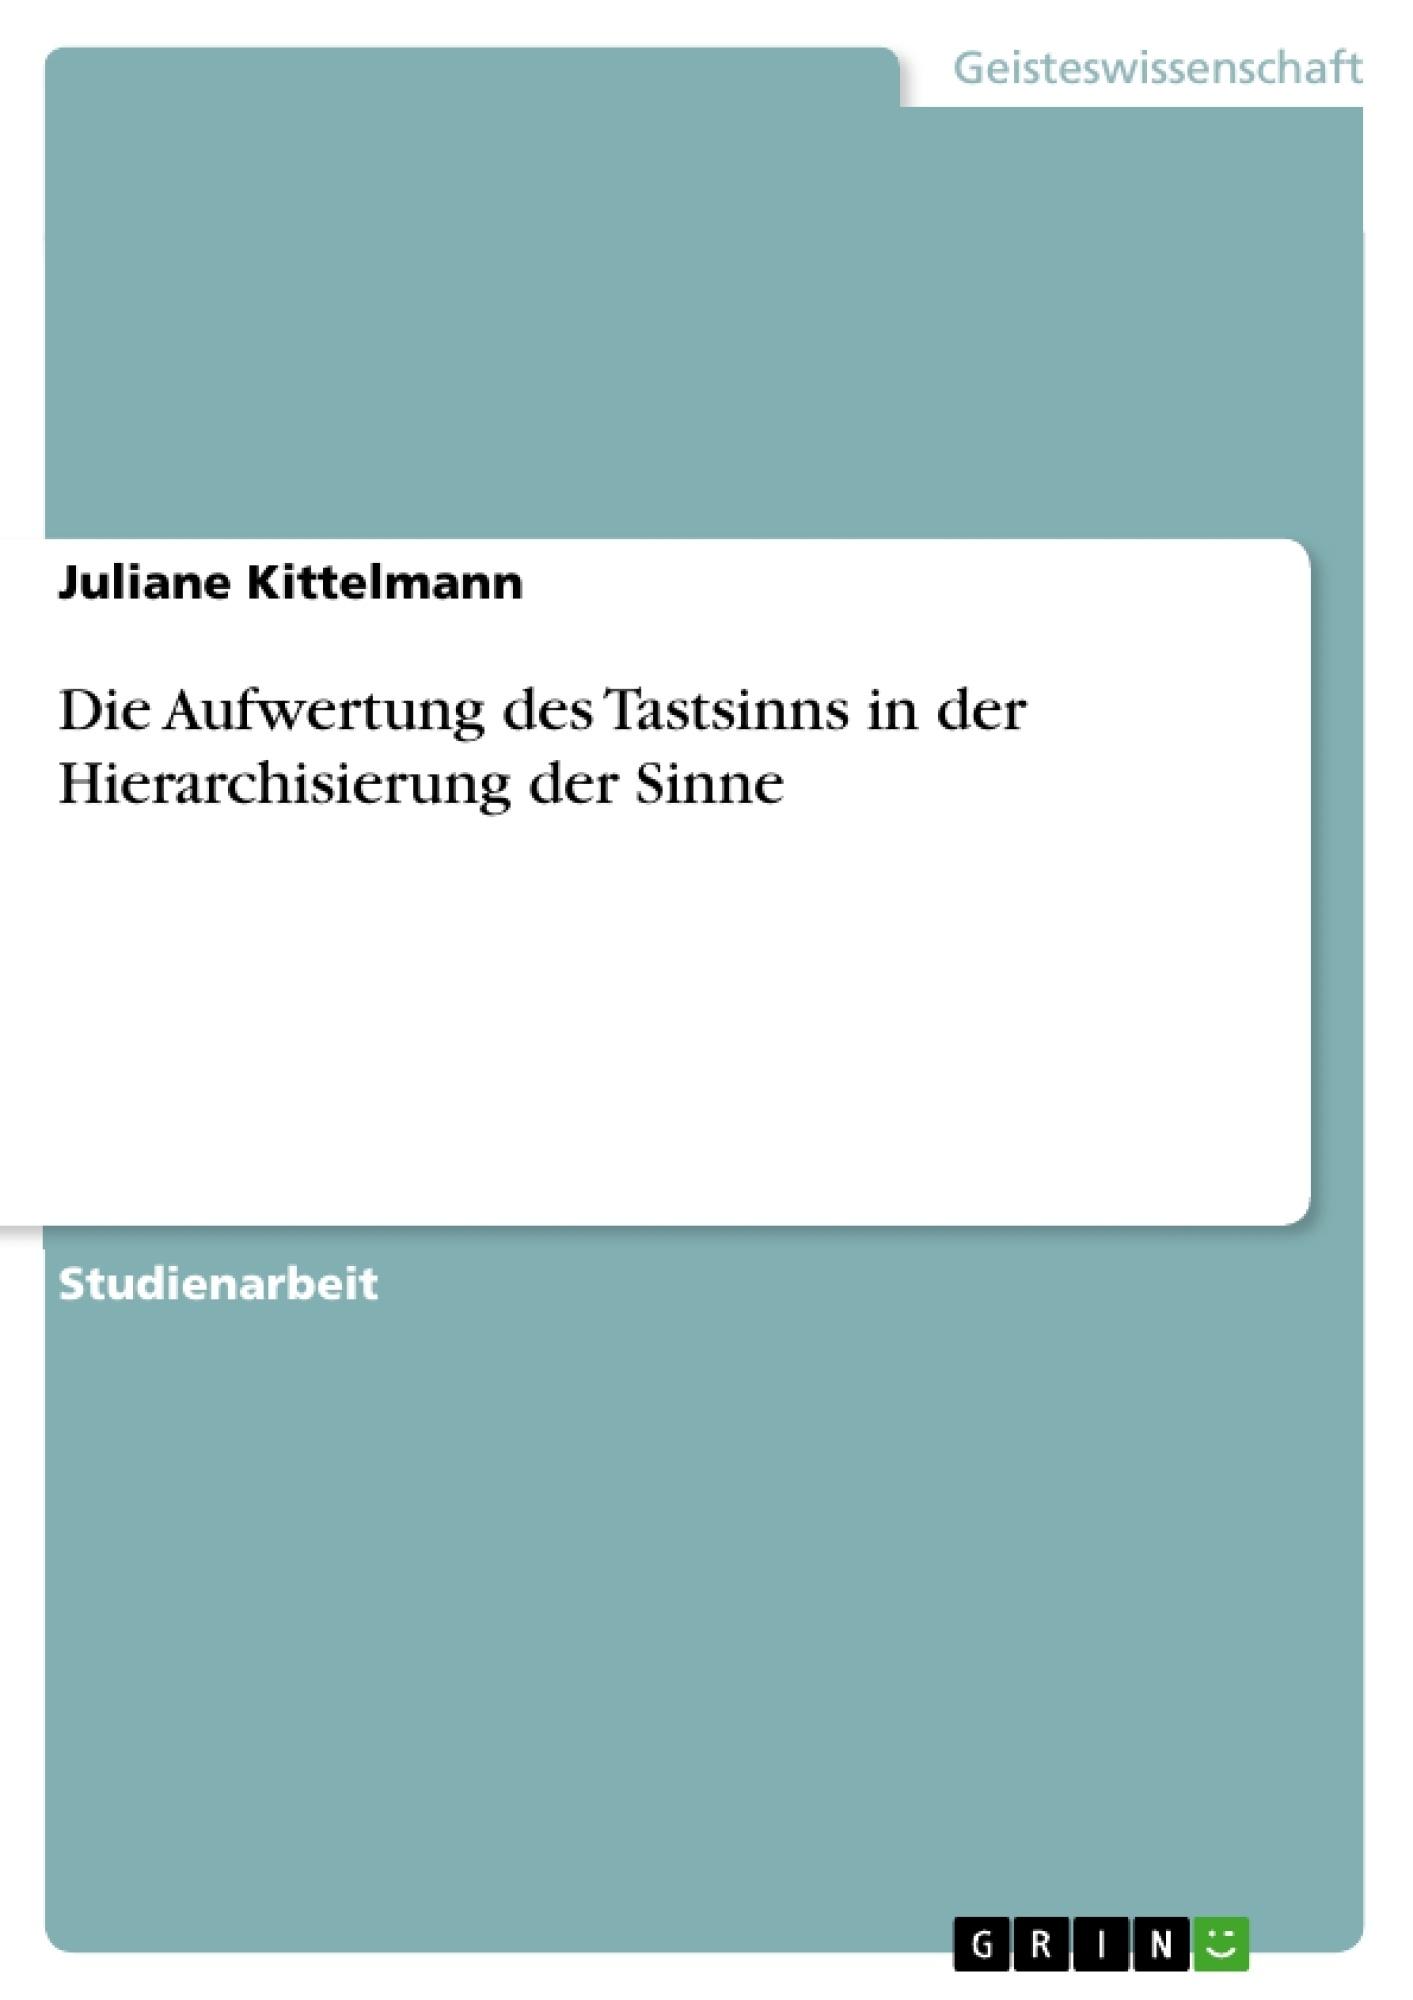 Titel: Die Aufwertung des Tastsinns in der Hierarchisierung der Sinne